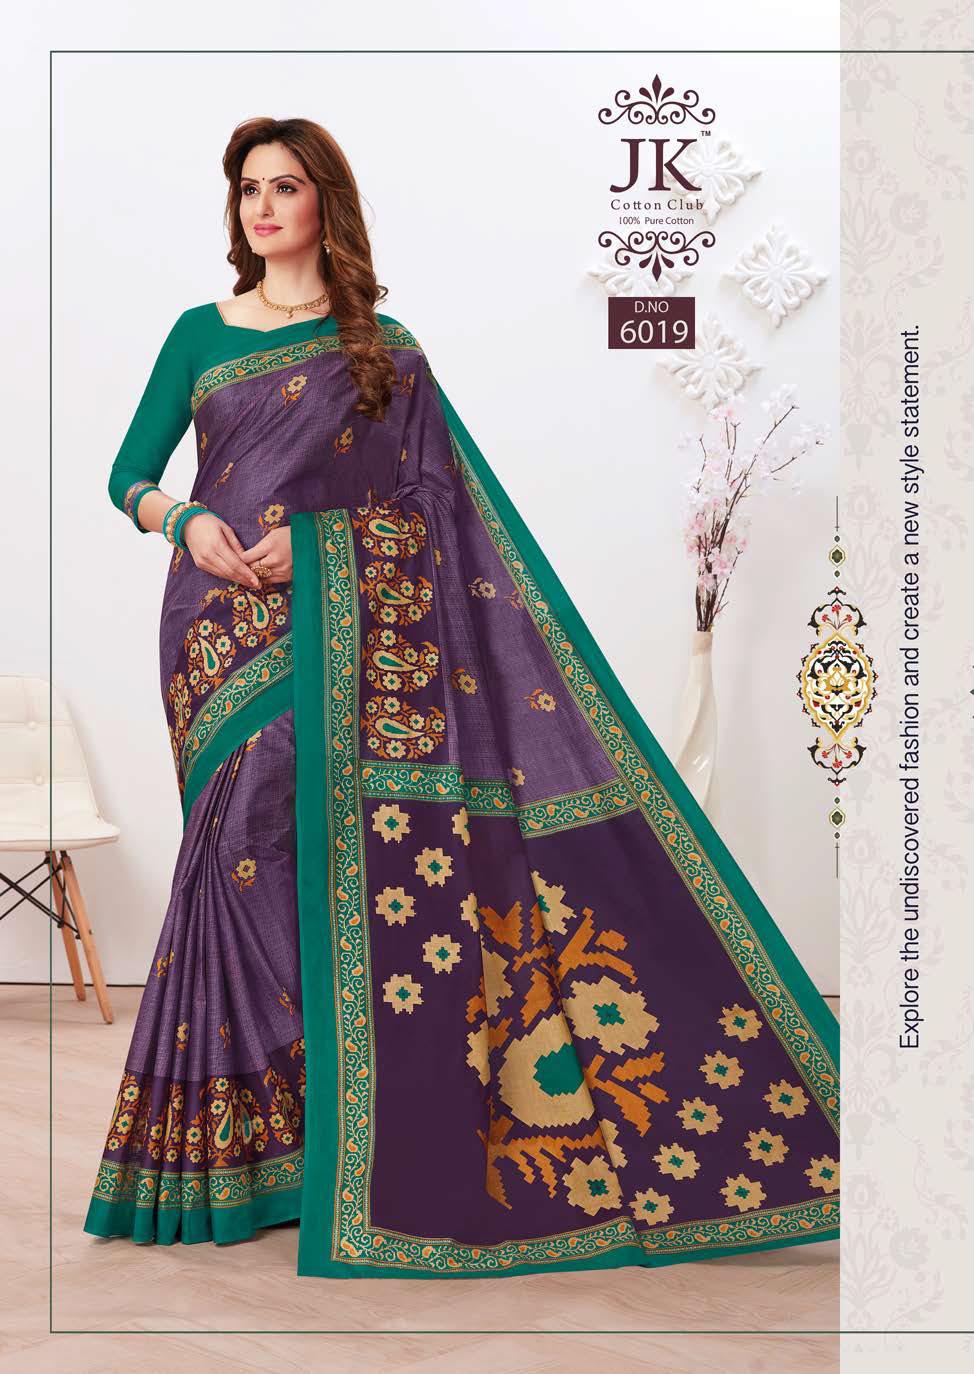 JK Tulsi Vol 6 A Saree Sari Wholesale Catalog 10 Pcs 10 - JK Tulsi Vol 6 A Saree Sari Wholesale Catalog 10 Pcs